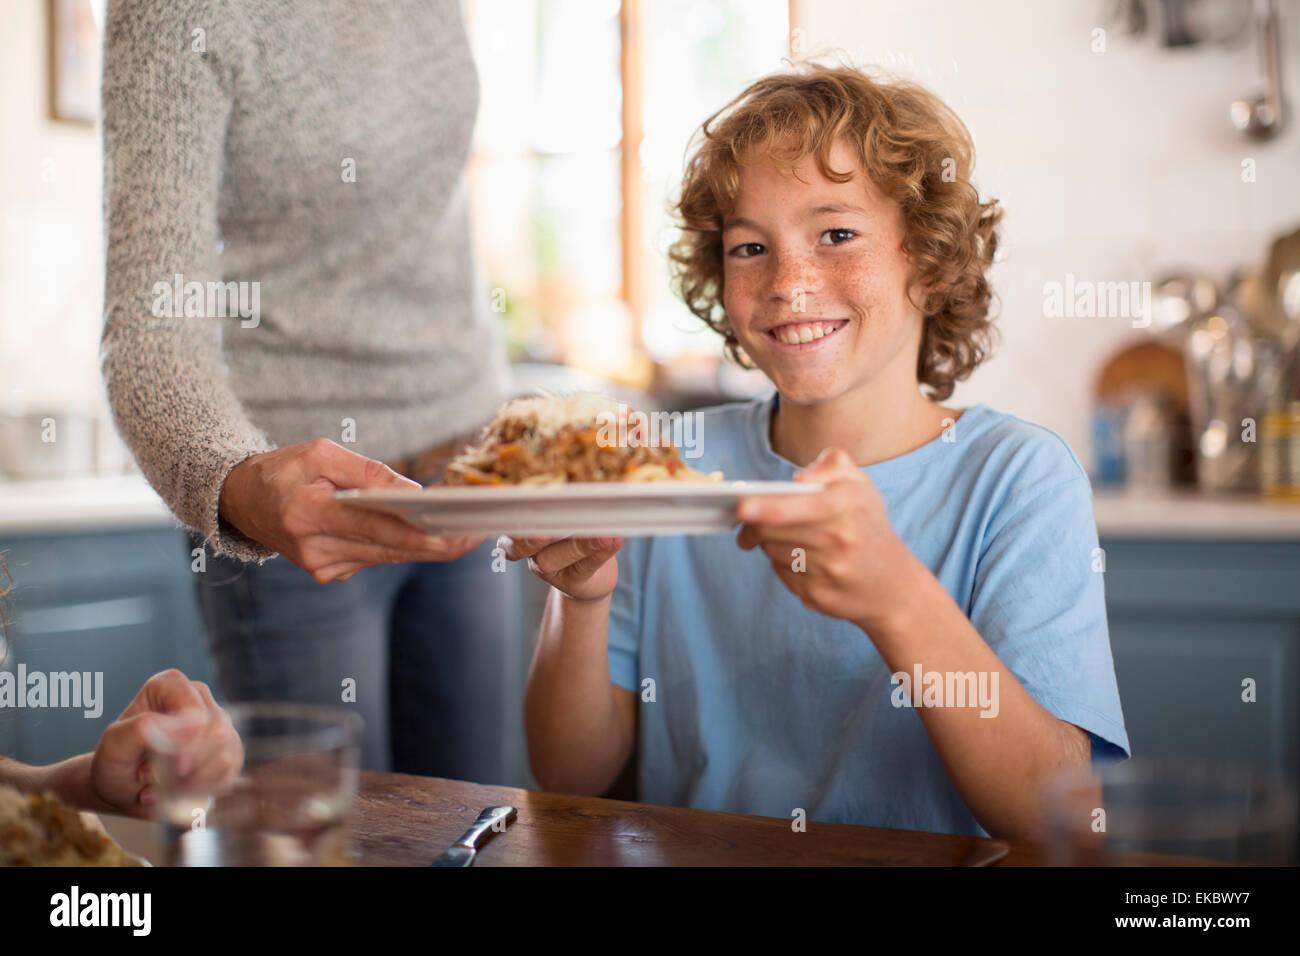 Madre che servono spaghetti ai bambini al tavolo da pranzo Immagini Stock